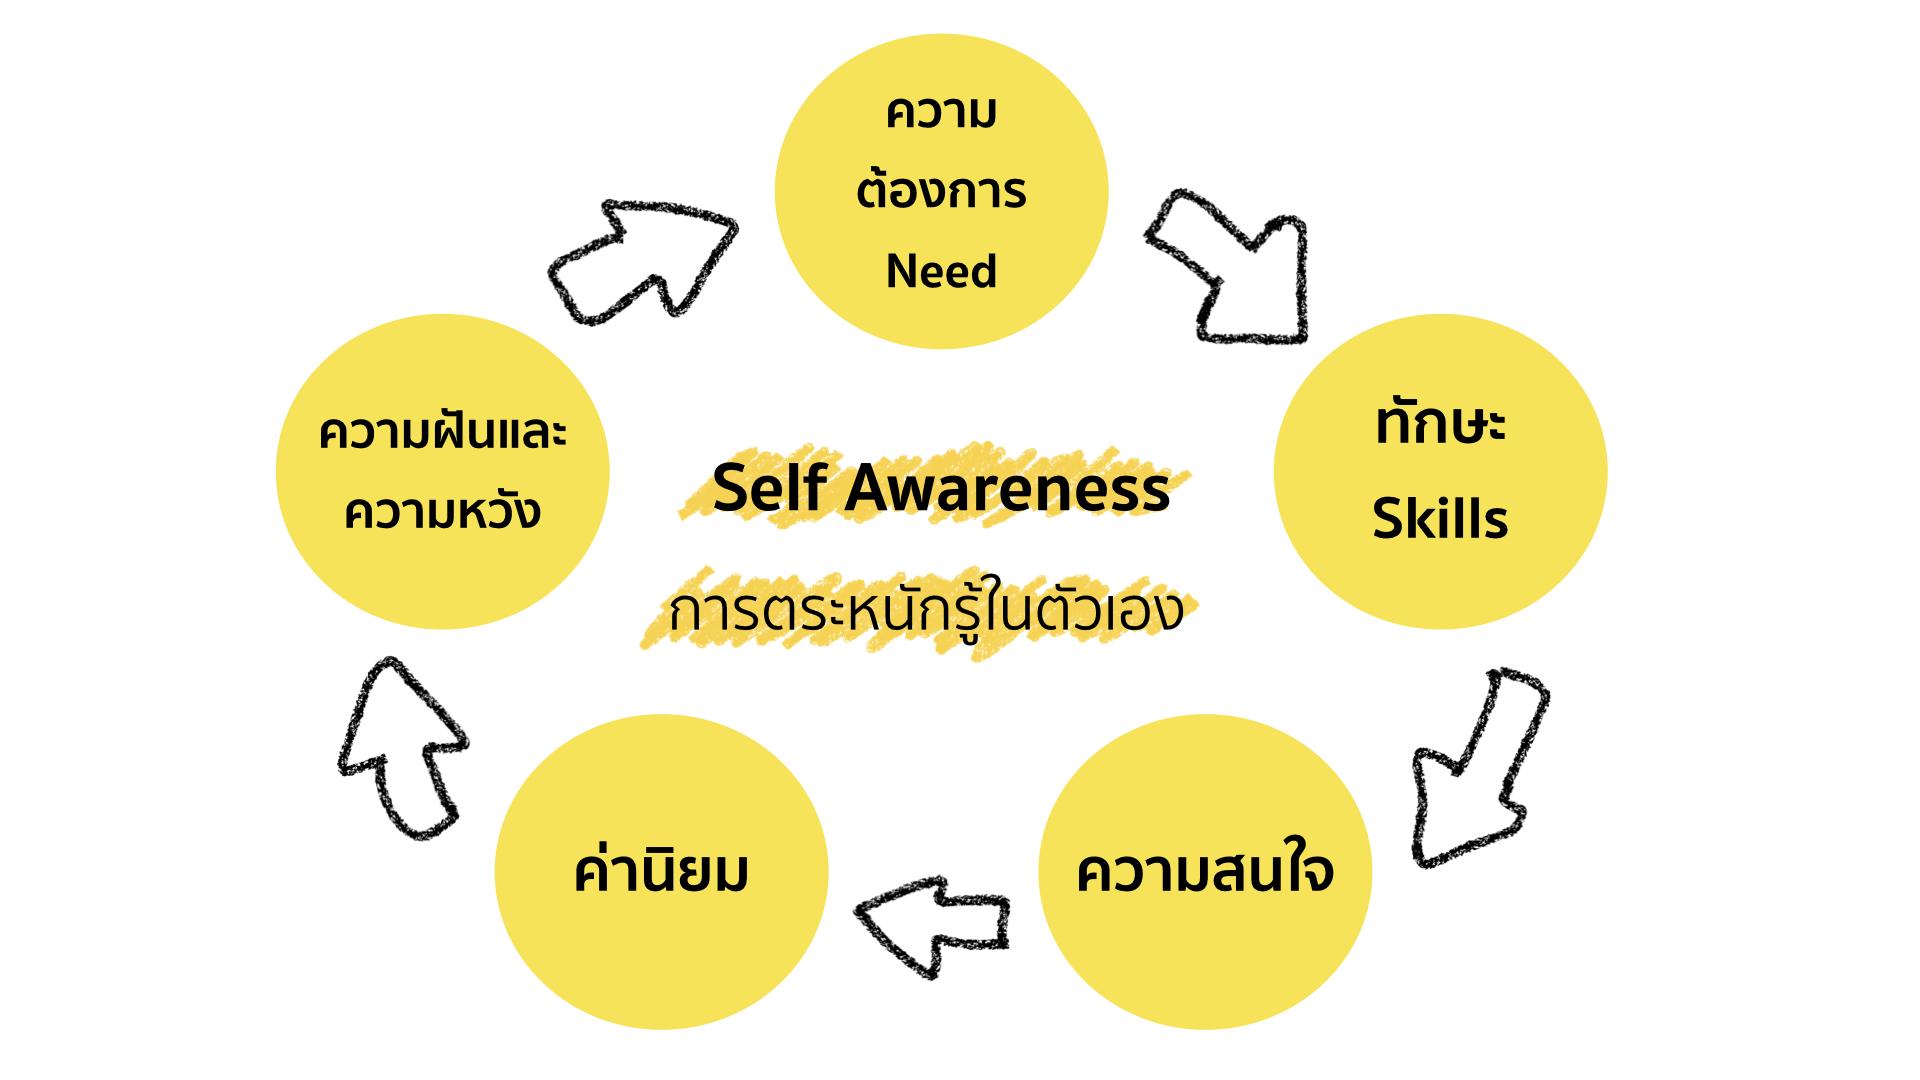 ภาพประกอบไอเดีย แบ่งปัน Motion Graphics  เรื่อง Self Awareness